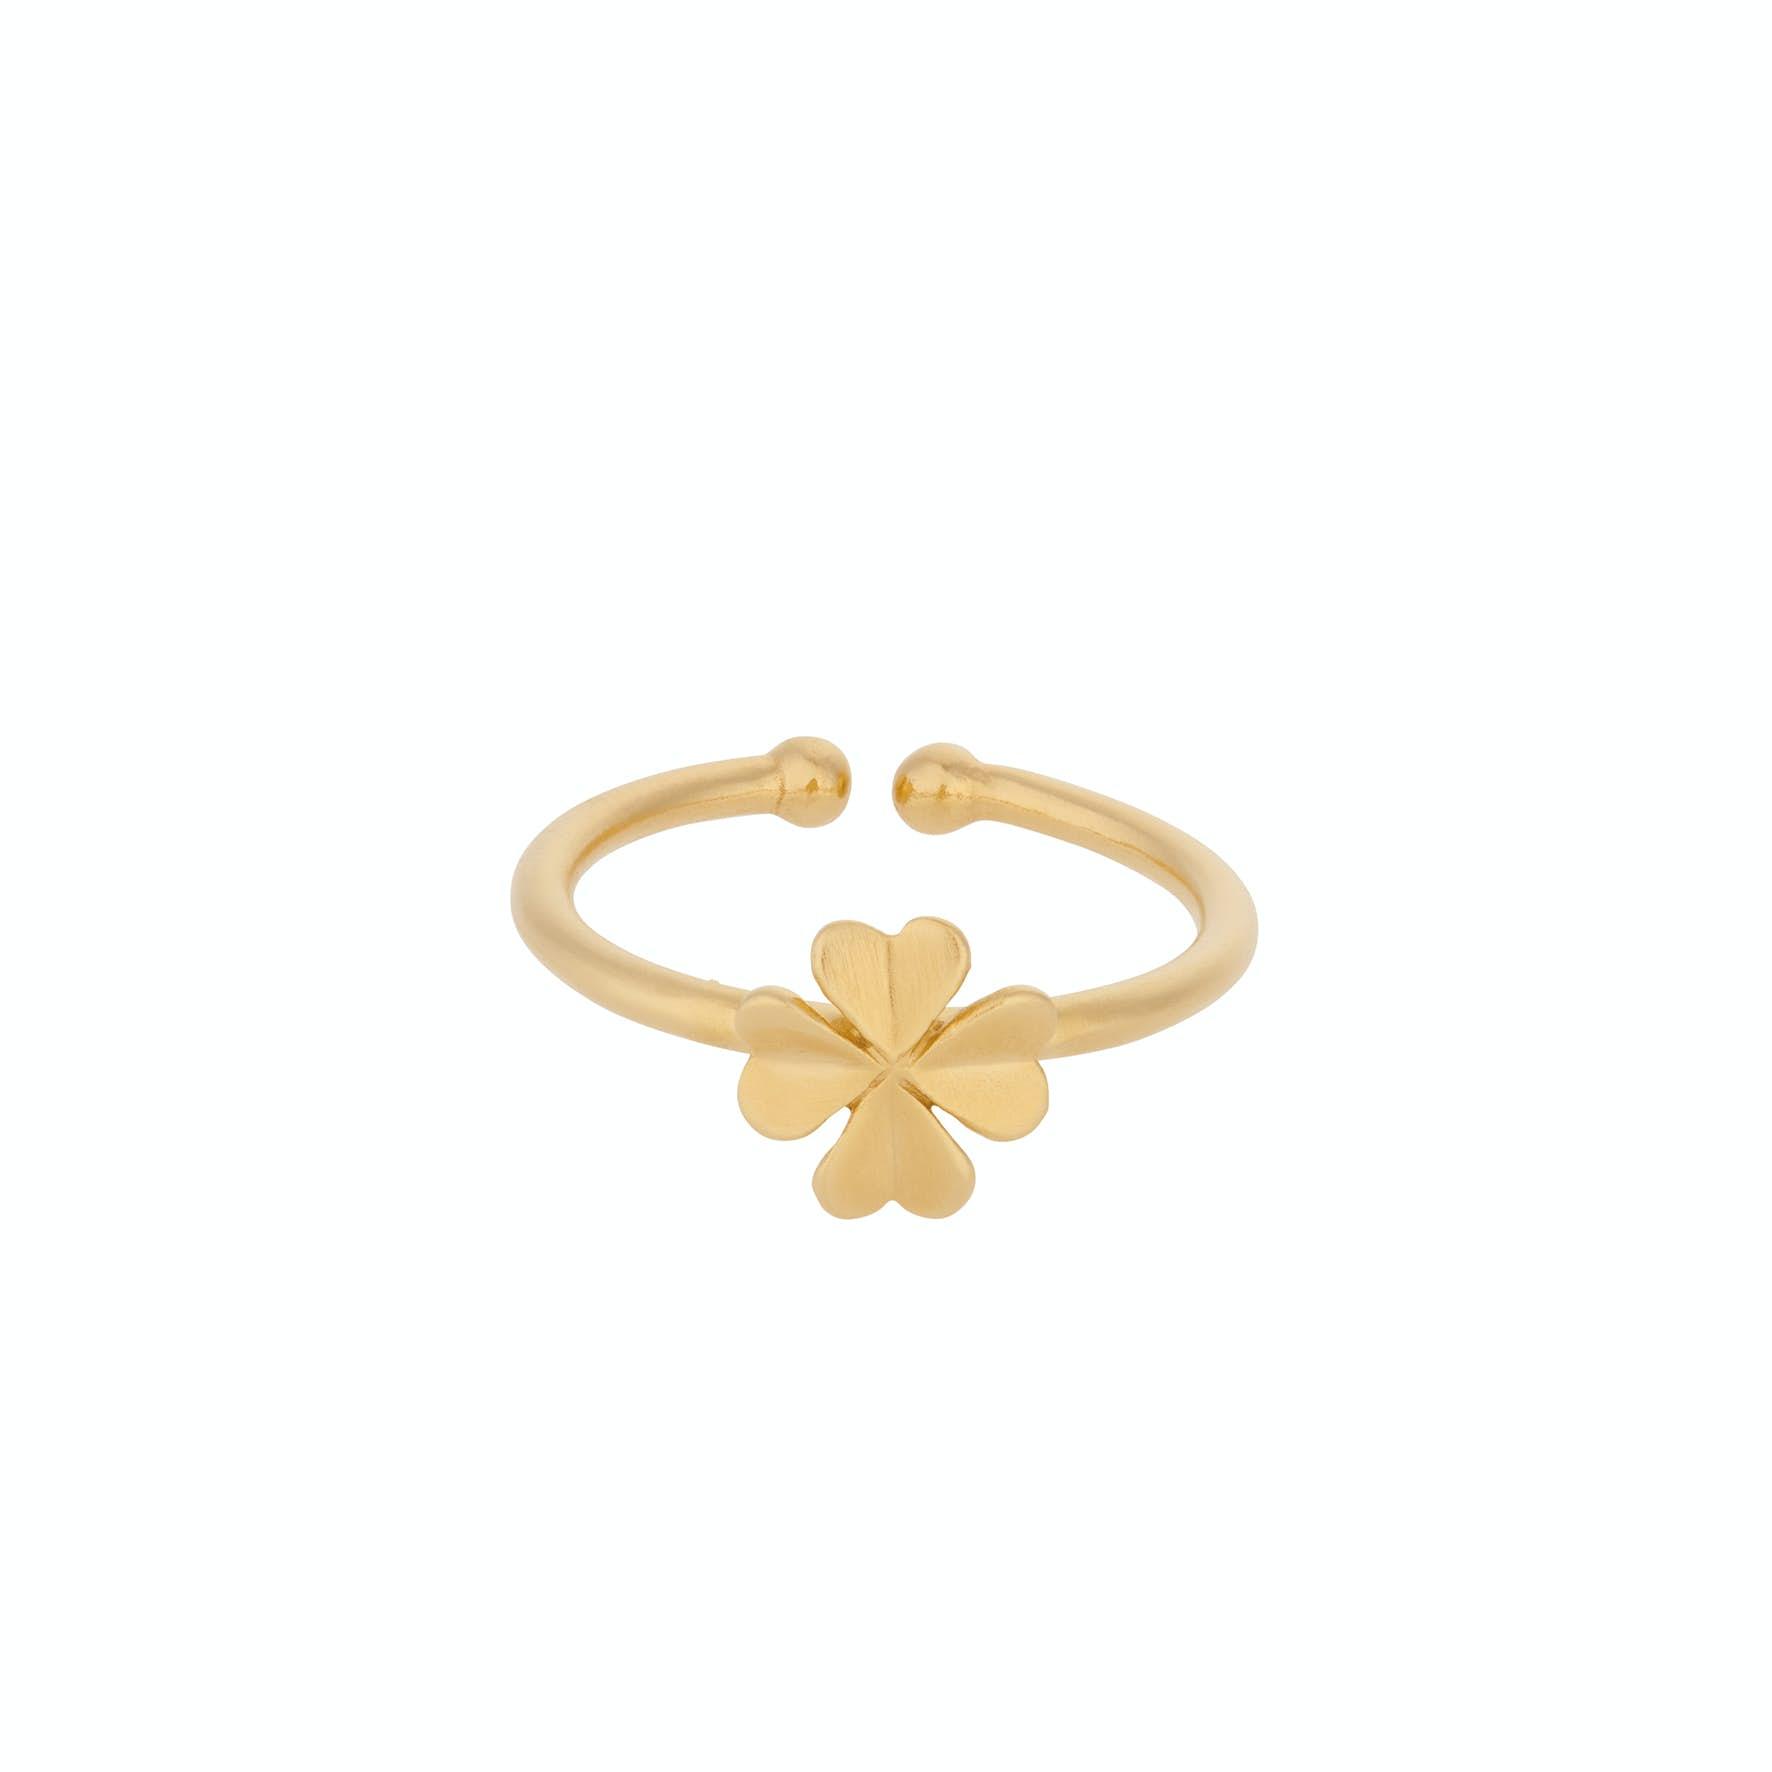 Clover Ring från Pernille Corydon i Förgyllt-Silver Sterling 925